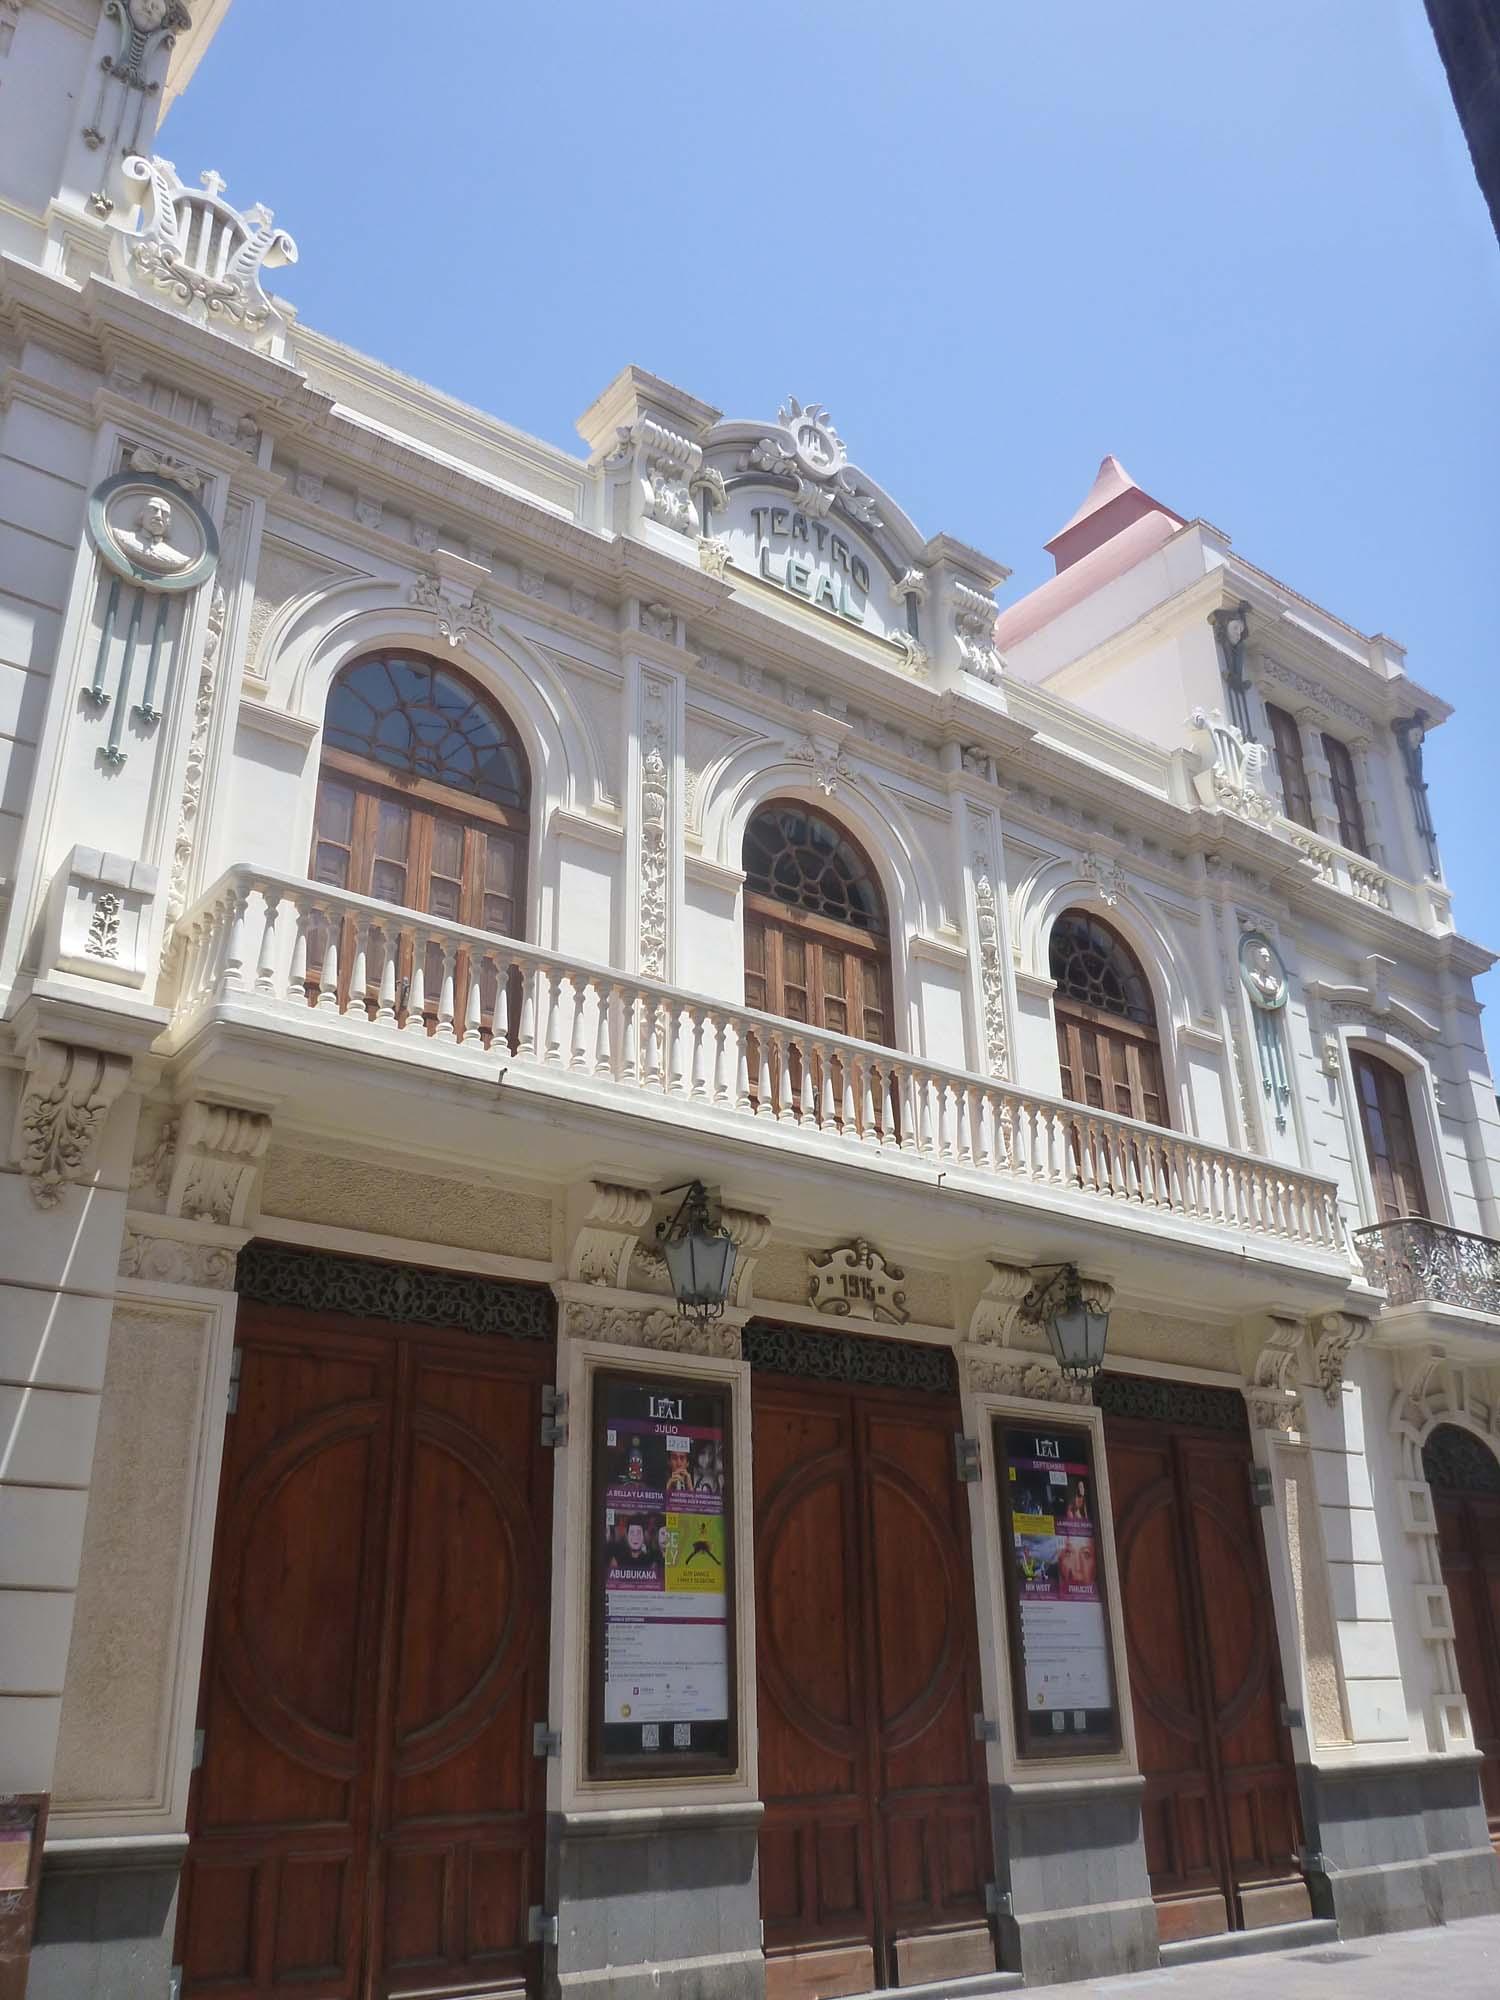 Theater in La Laguna